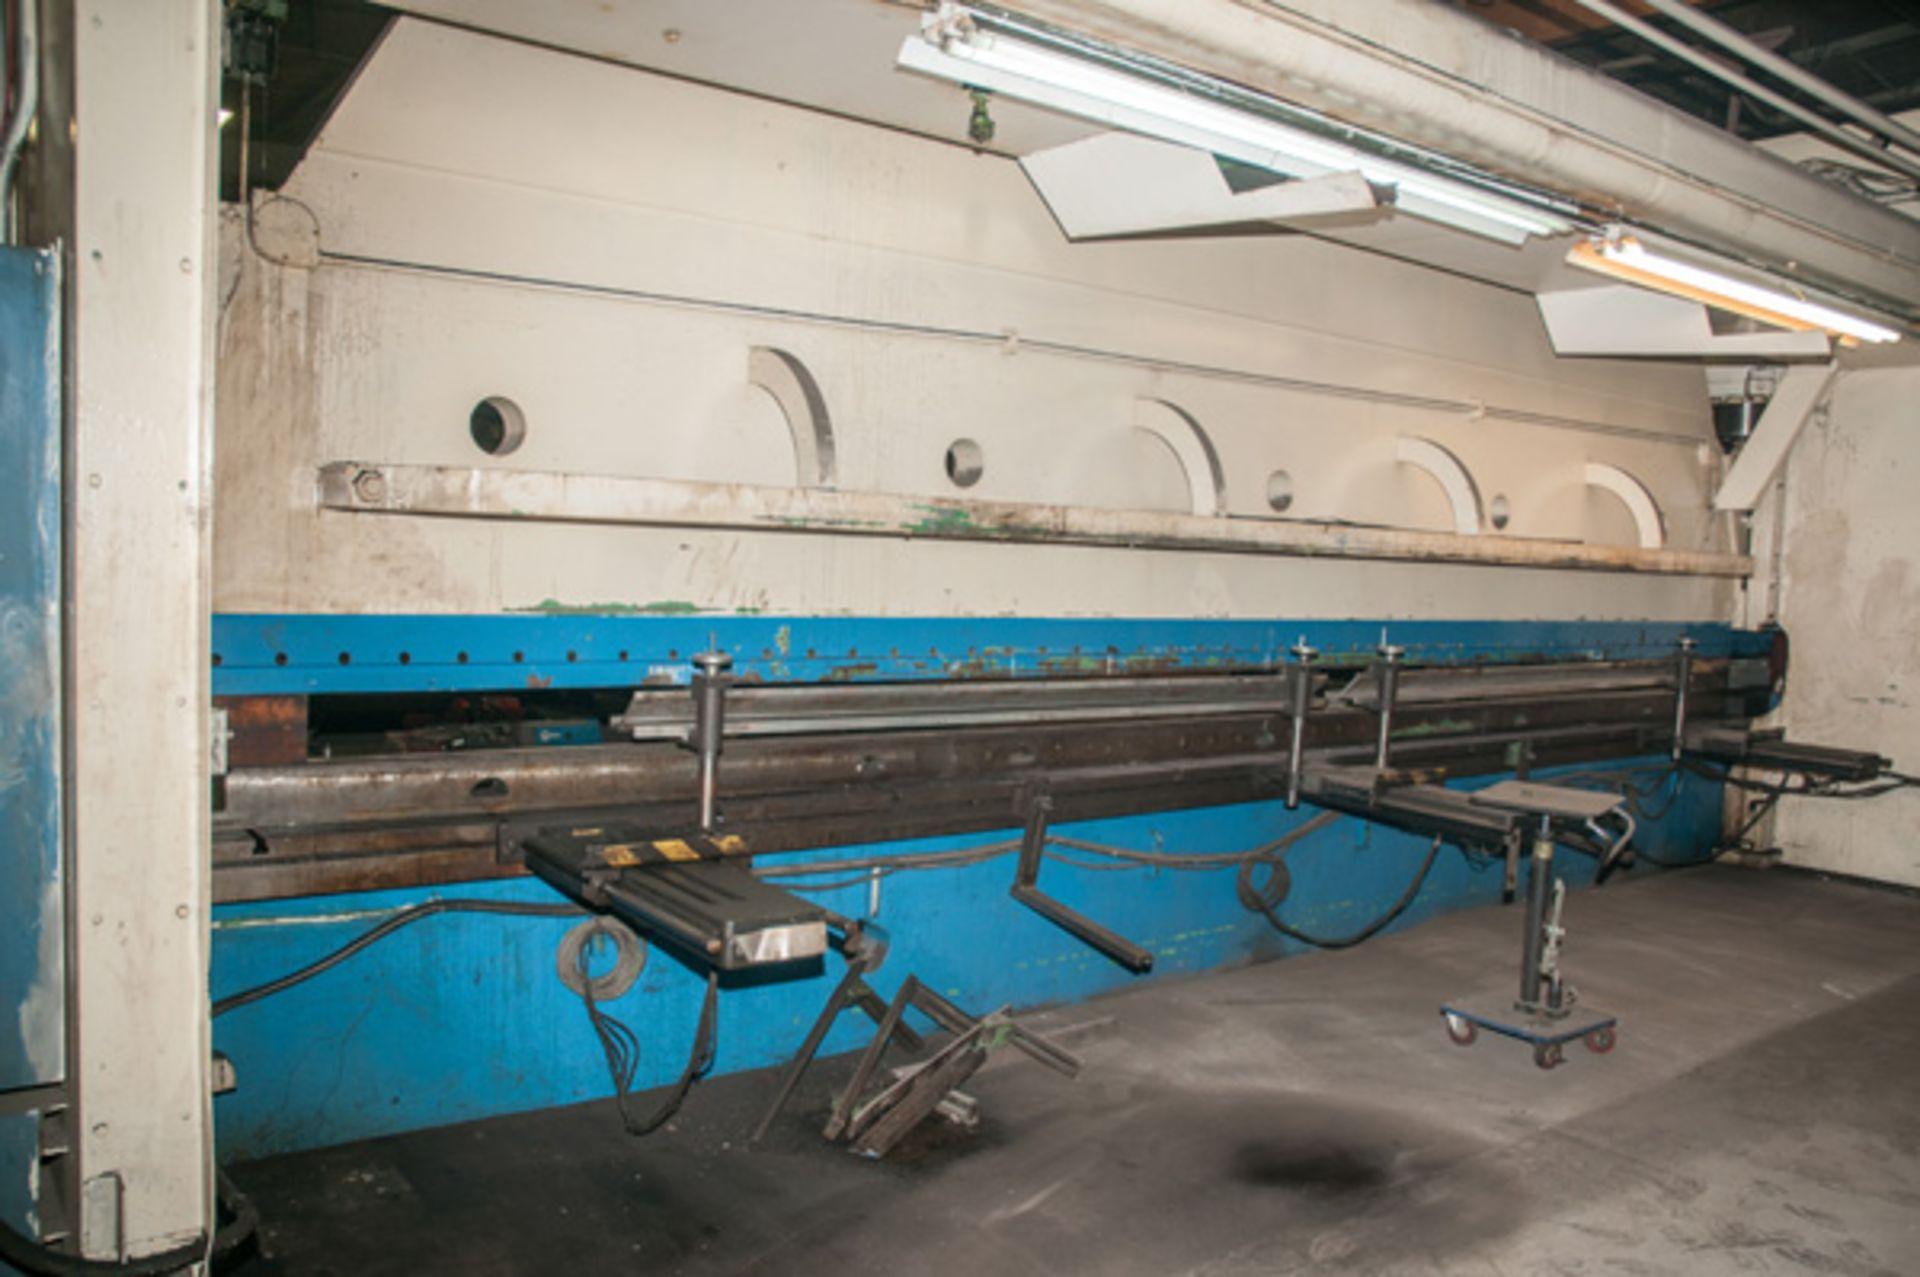 Lot 35 - Cincinnati CNC Hydraulic Press Brake | 600 Ton x 30', Mdl: 600H x 26, S/N: 37720 - 8047P